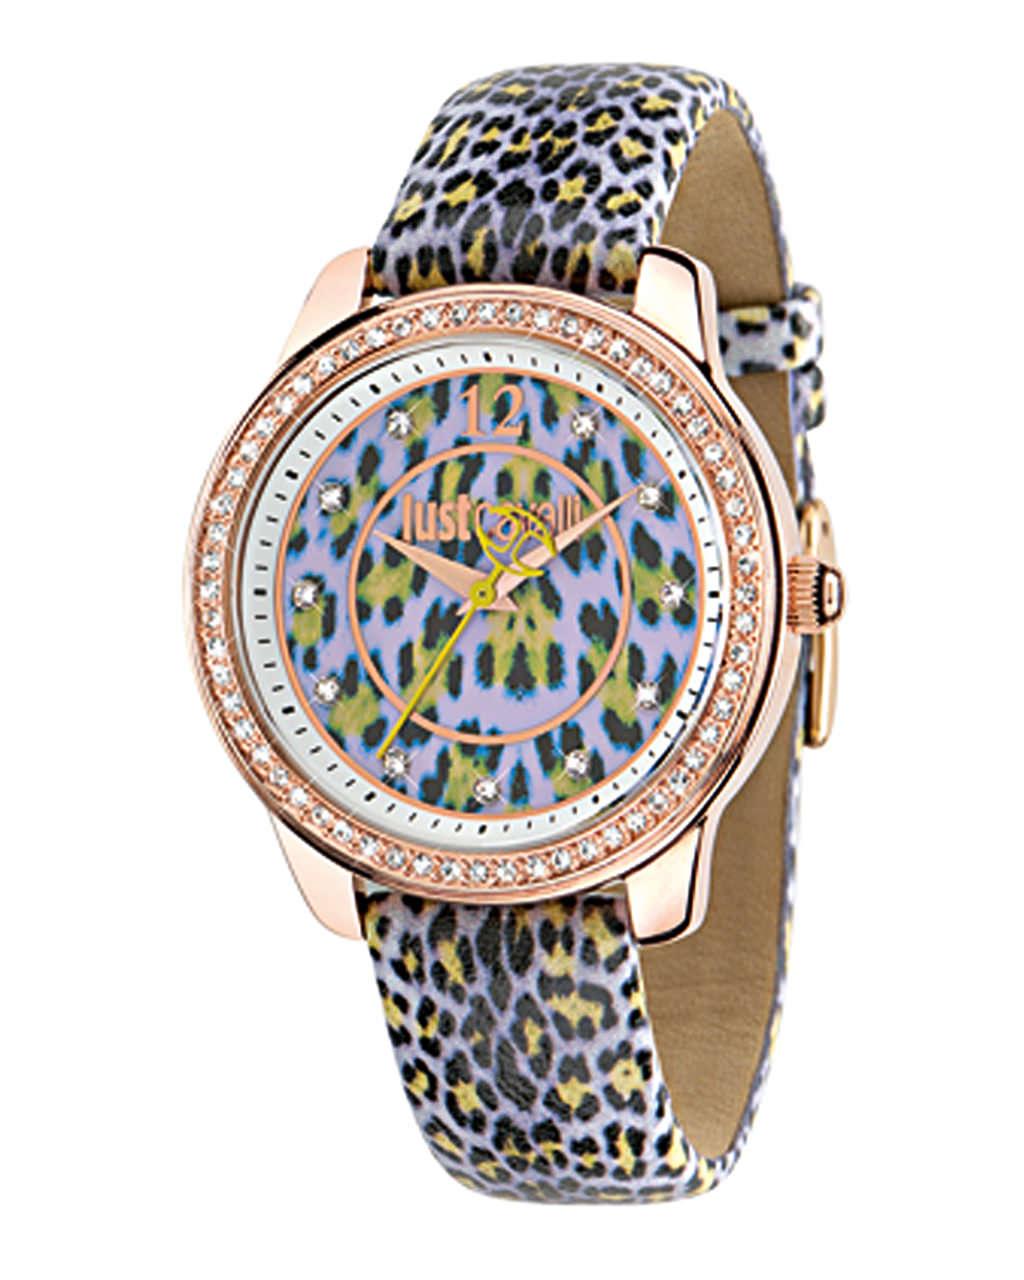 Ρολόι JUST CAVALLI R7251586504   brands just cavalli